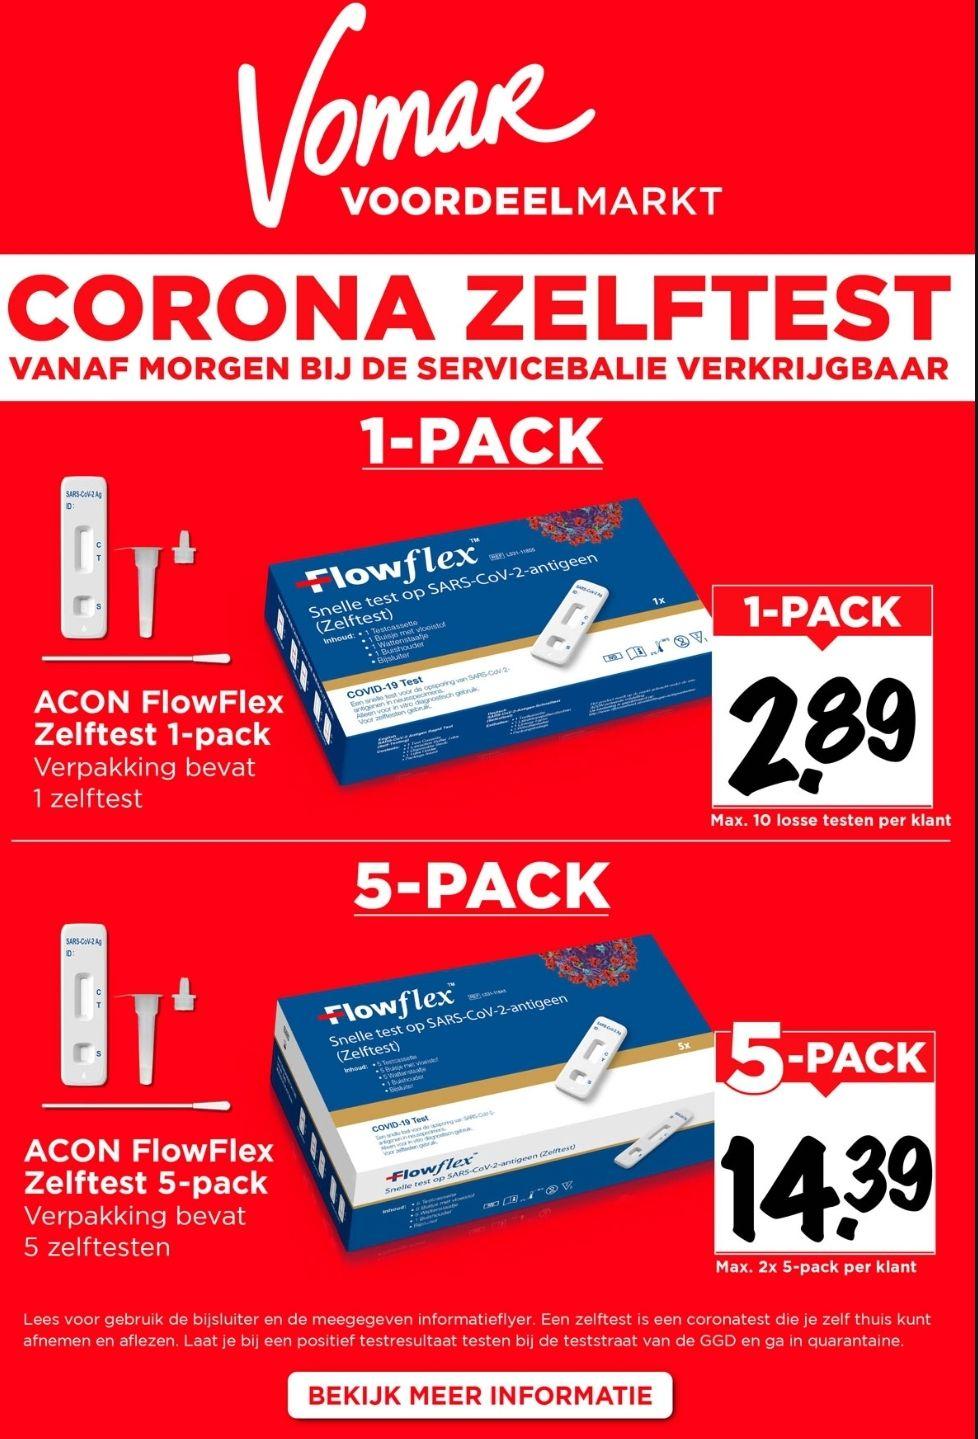 Corona zelftest